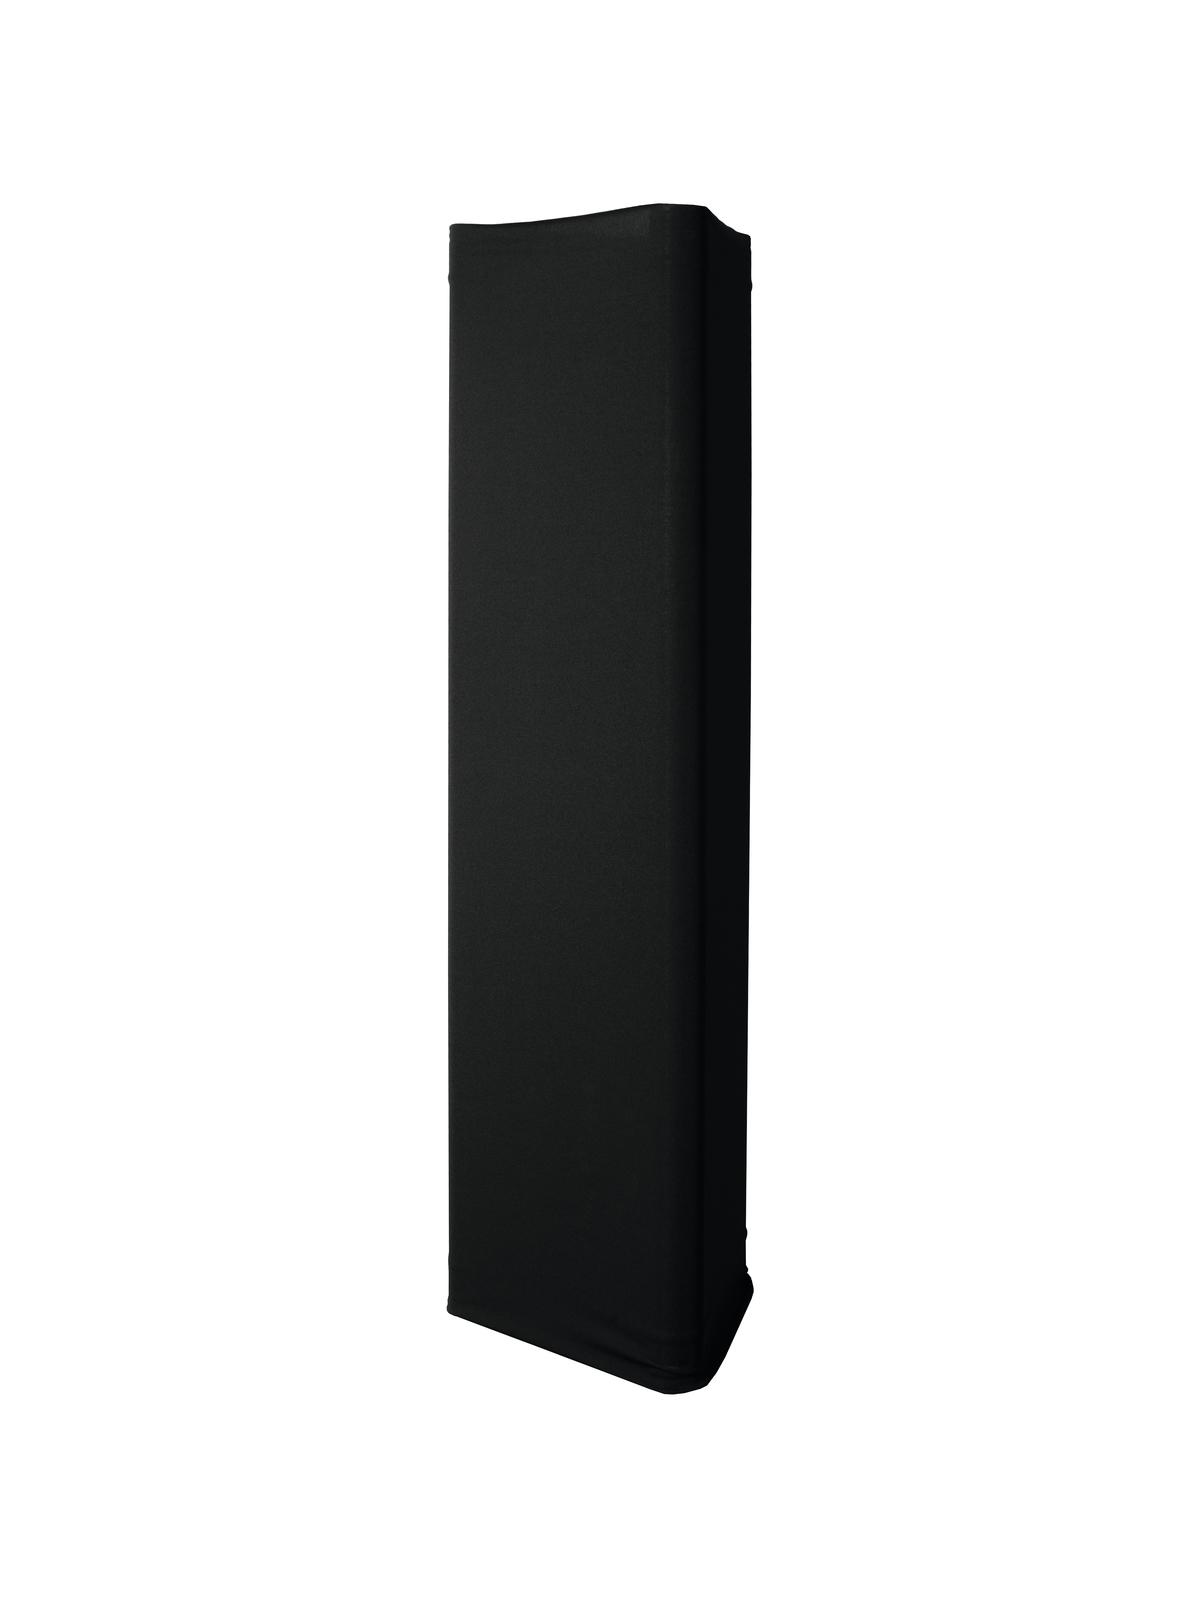 ESPANDERE BATC3S Trusscover 3m nero